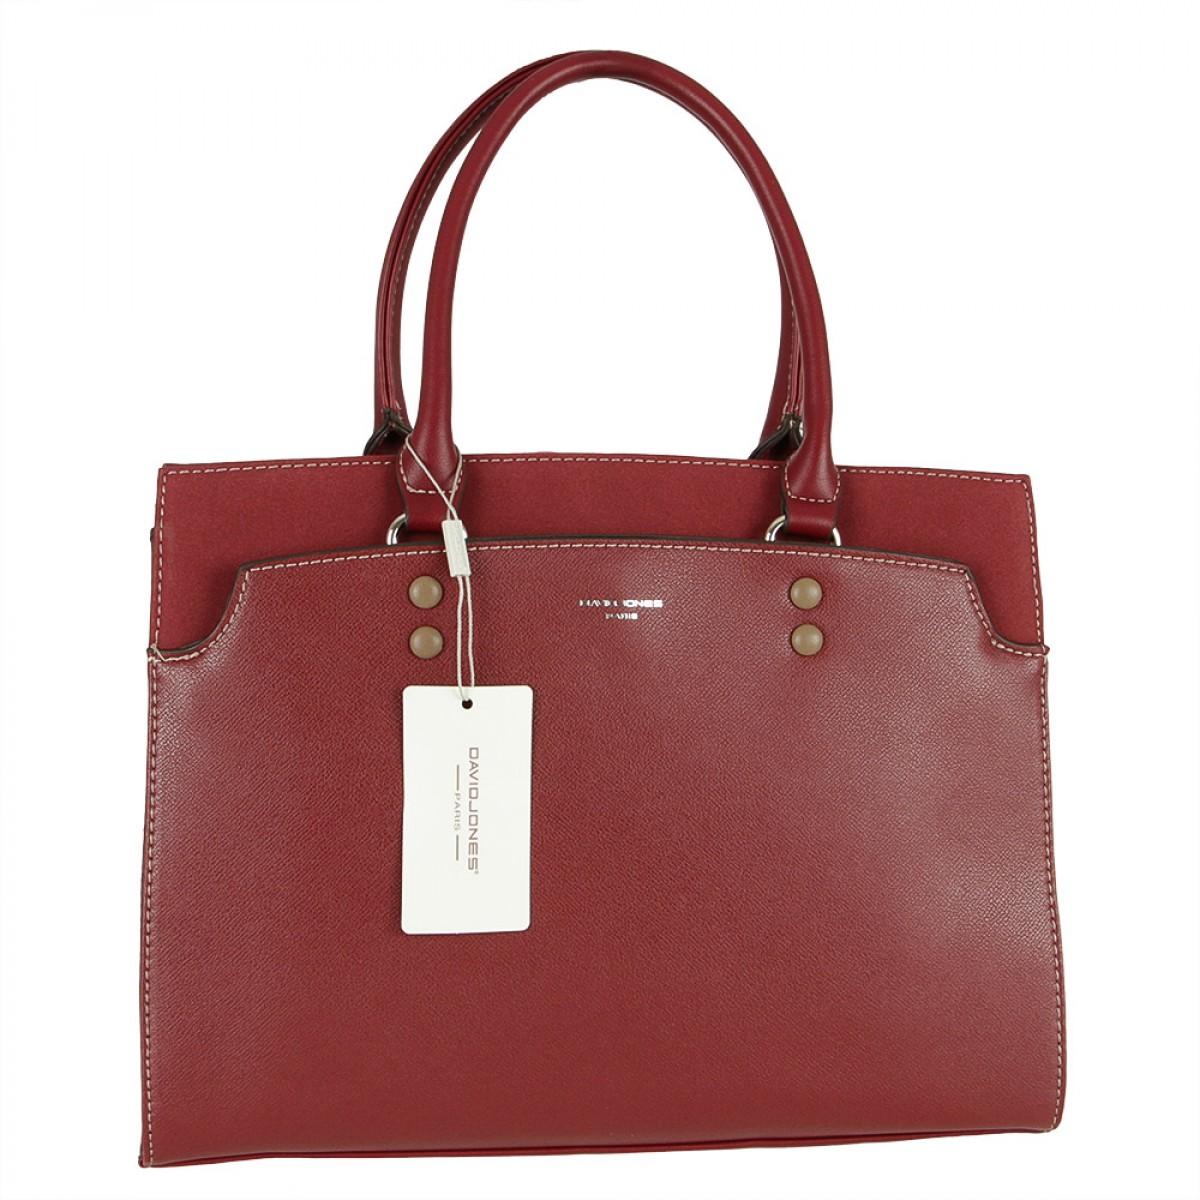 Жіноча сумка David Jones 6127-2 DARK BORDEAUX